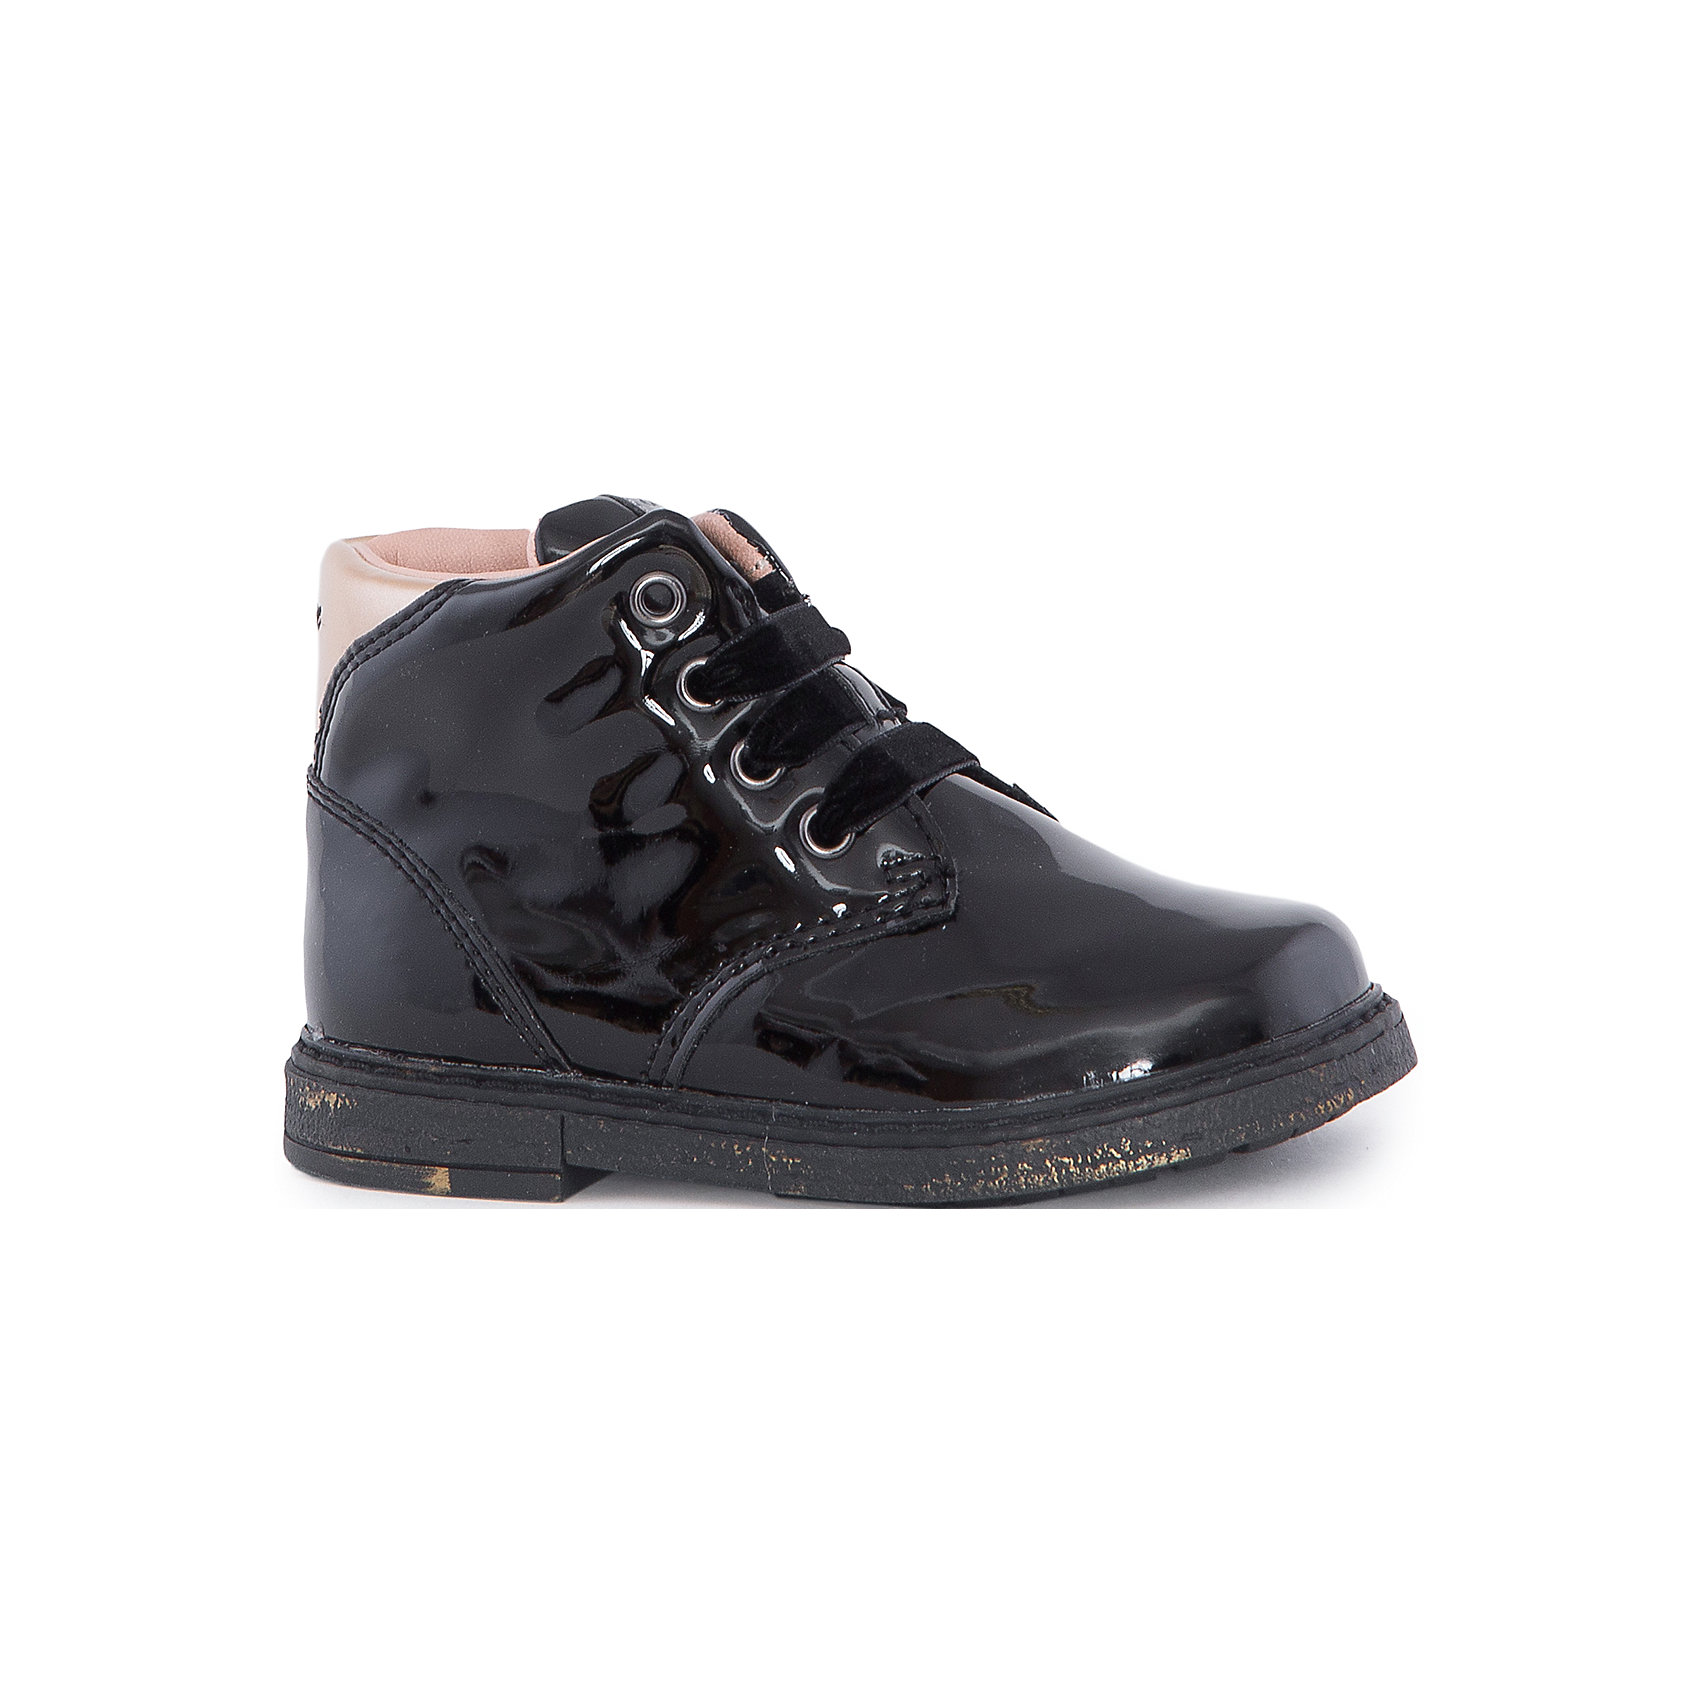 Ботинки для девочки GEOXБотинки<br>Стильные ботинки для девочки от знаменитого итальянского бренда взрослой и детской одежды и обуви GEOX (Геокс). Ботинки представлены в классическом черном цвете, который отлично сочетается с золотыми и деталями отделки. Теперь осенние прогулки станут еще веселее! Идеальные ботиник на каждый день имеют все необходимое для удобства и комфорта ребенка. Разработанная технология подошвы ботинки не позволяет им скользить, отлично амортизирует шаги и позволяет стопе дышать. Мягкая подошва отлично гнется, обеспечивая безопасность шагов, поддерживая стопу и оставляя свободу движения. Эргономичная антибактериальная кожаная стелька и задник хорошо фиксируют голеностоп и удобны в носке. Внутренний материал и практичная застежка-молния позволяют легко надевать и снимать ботинки, не заботясь о шнурках. Ботинки оставляют ноги ребенка сухими, позволяя им дышать. <br>Дополнительная информация:<br>- Состав:<br>верх: 100% синтетика <br>подкладка:  80% текстиль, 20% кожа<br>стелька:  натуральная кожа<br>подошва: резина<br>Ботинки для девочки GEOX (Геокс) можно купить в нашем магазине.<br>Подробнее:<br>• Для детей в возрасте: от 12 месяцев до 5 лет<br>• Номер товара: 5007844<br>Страна производитель: Индонезия<br><br>Ширина мм: 257<br>Глубина мм: 180<br>Высота мм: 130<br>Вес г: 420<br>Цвет: черный<br>Возраст от месяцев: 24<br>Возраст до месяцев: 24<br>Пол: Женский<br>Возраст: Детский<br>Размер: 25,27,23,24,26<br>SKU: 5007844